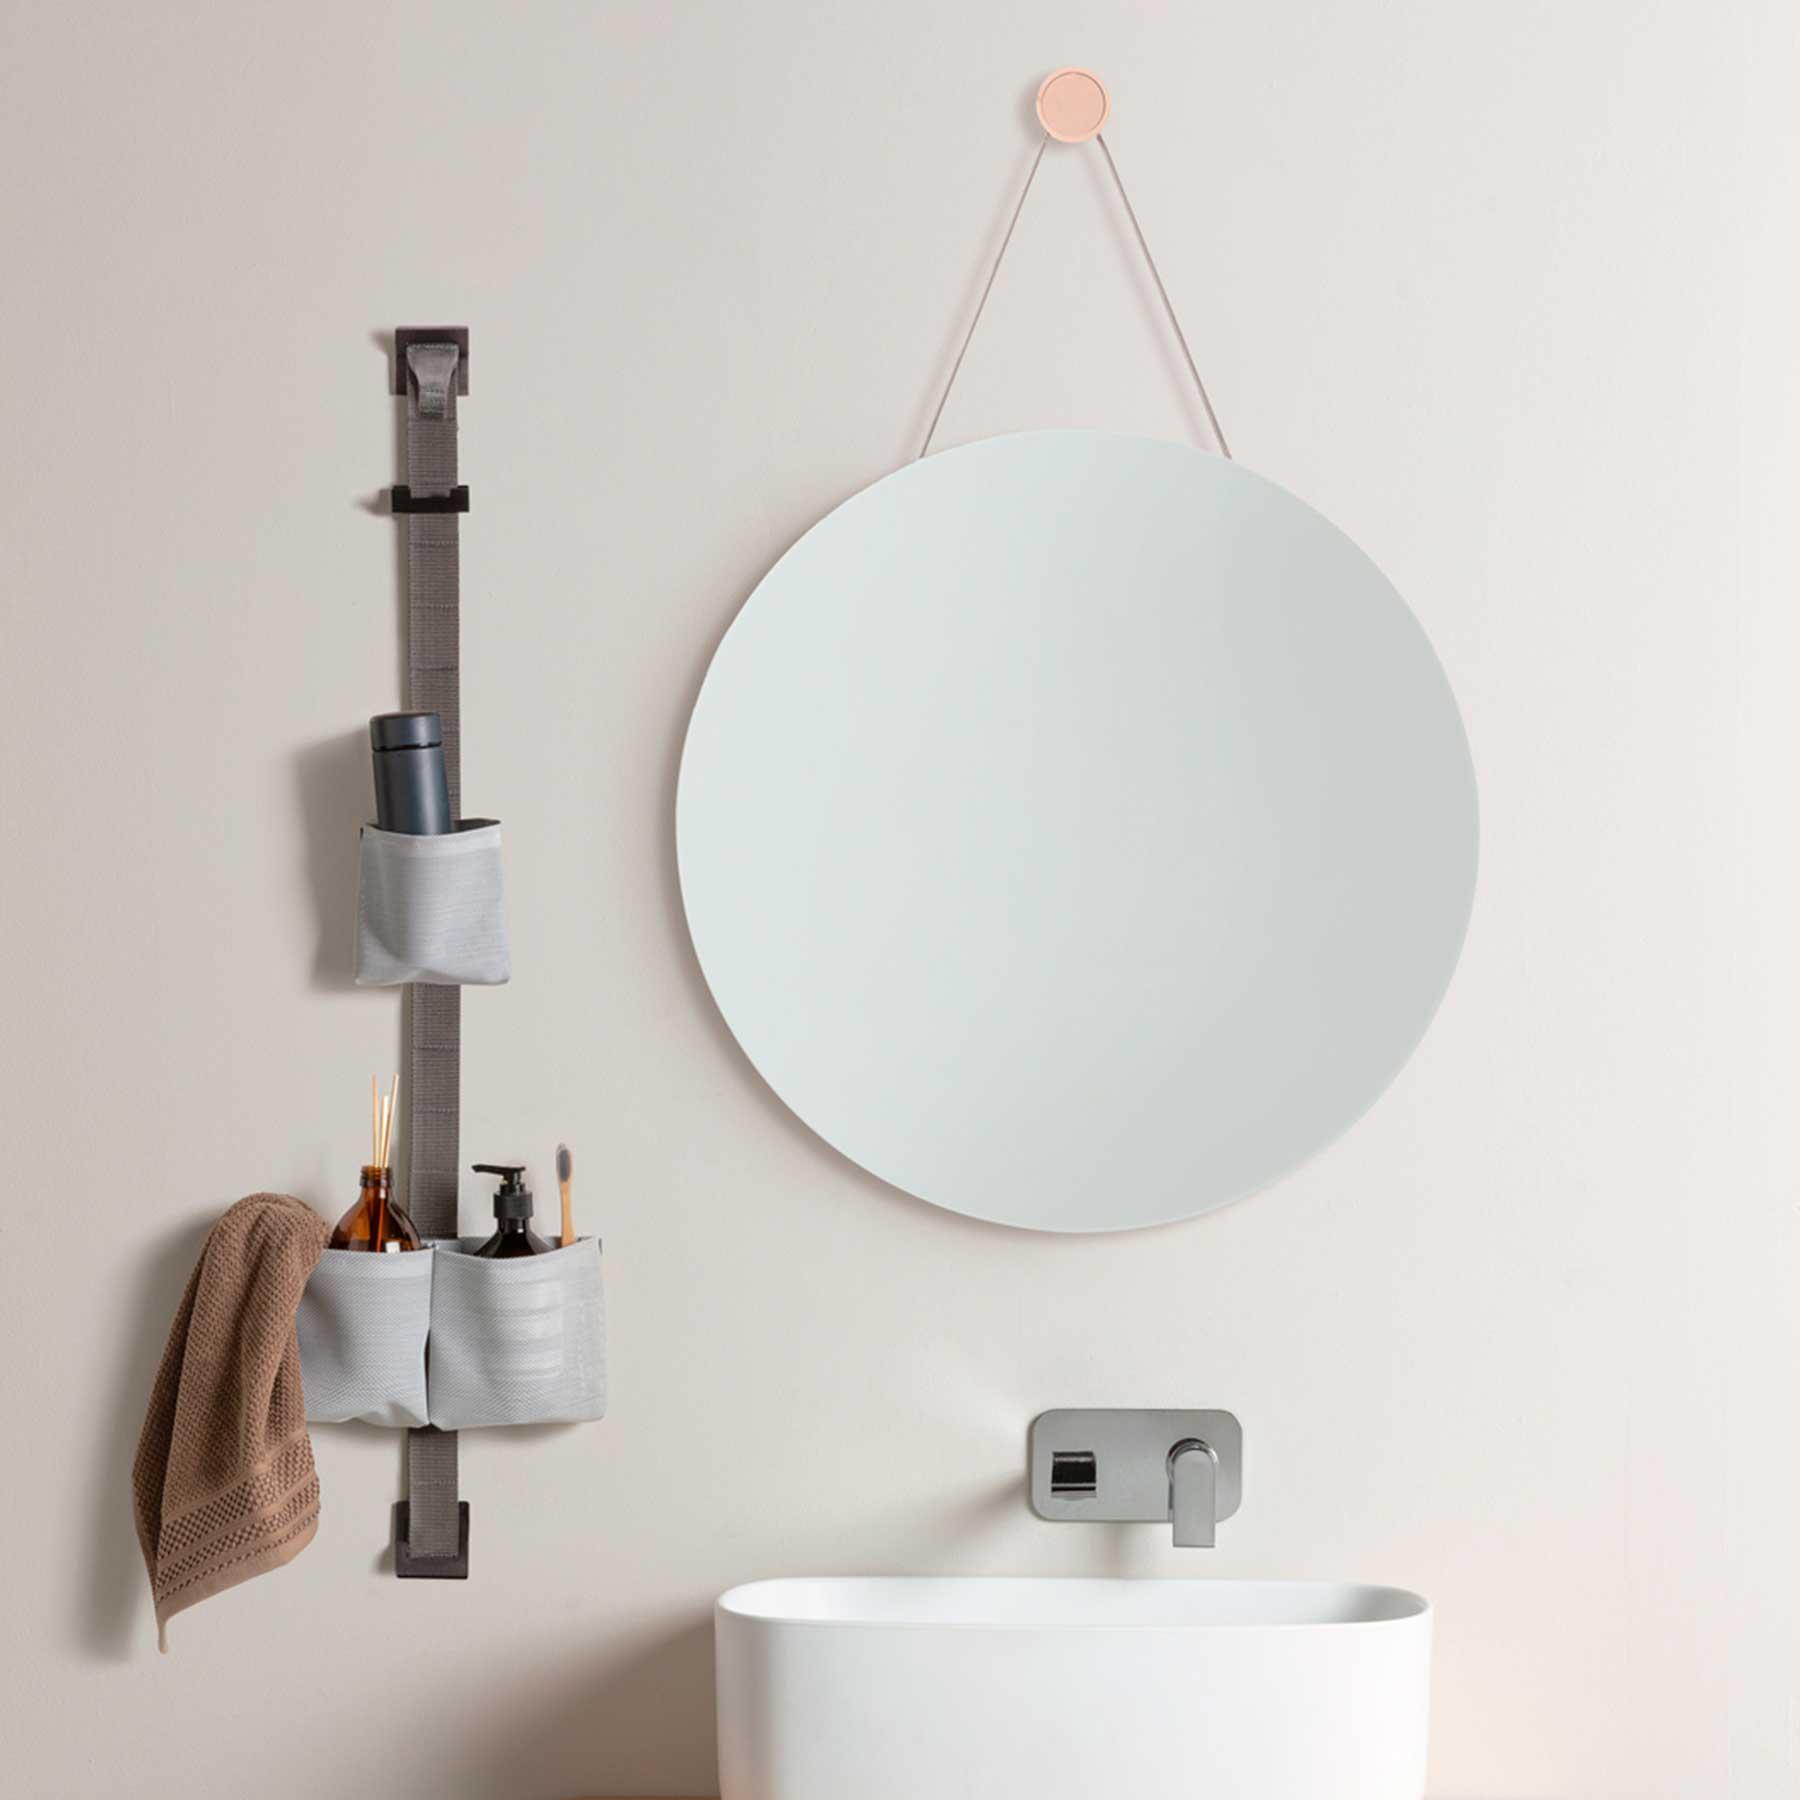 contenitore a parete per il bagno